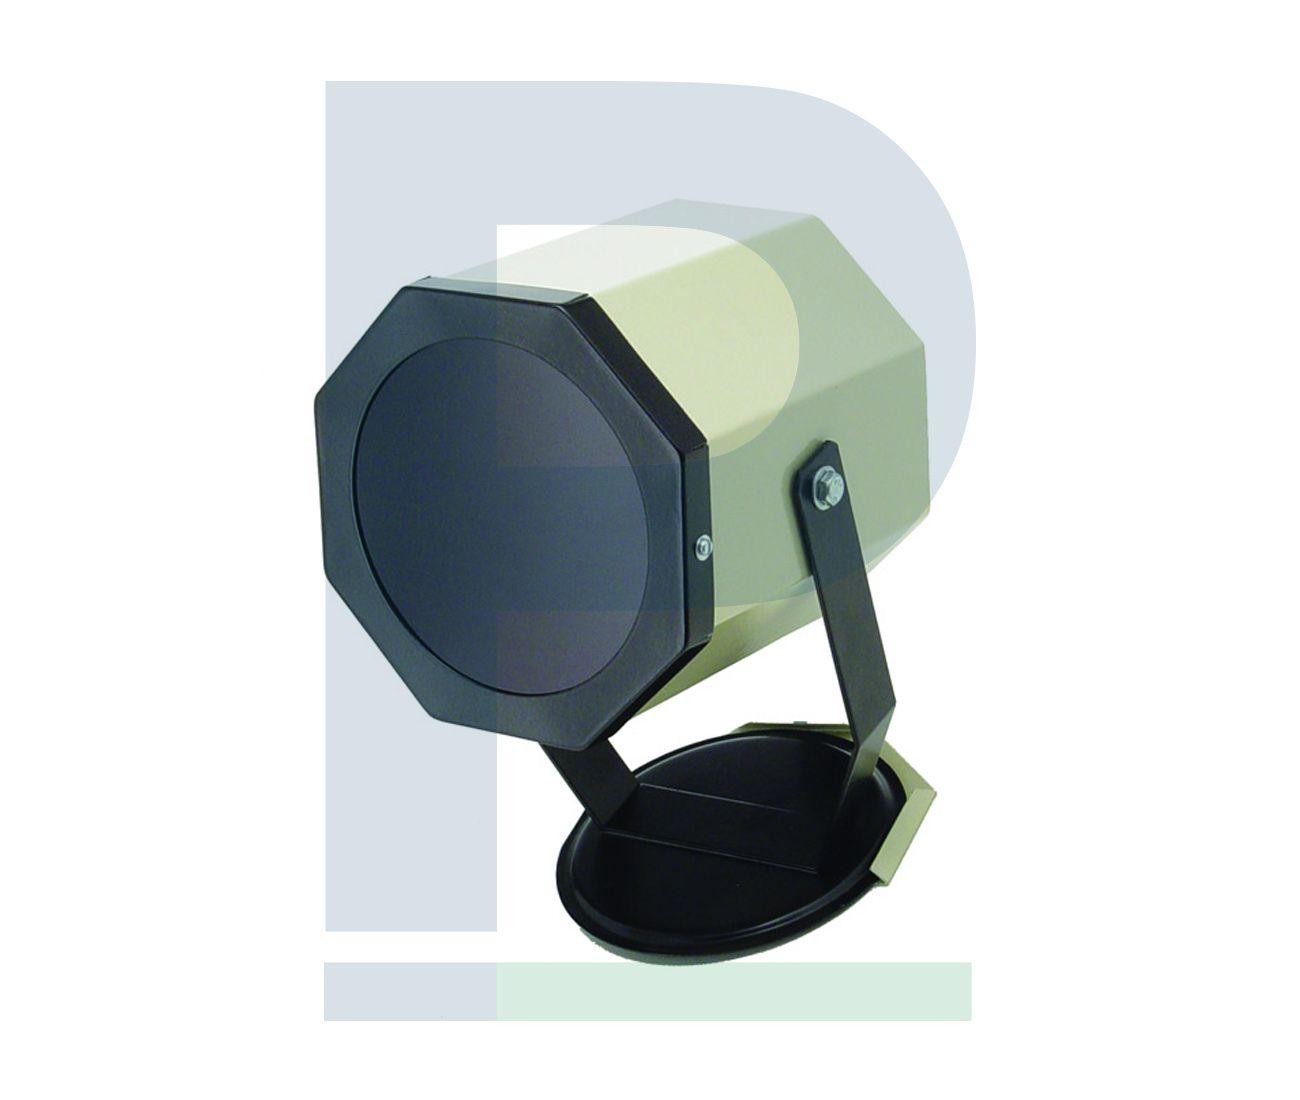 Lanterna Redonda Ajustável com Filtro